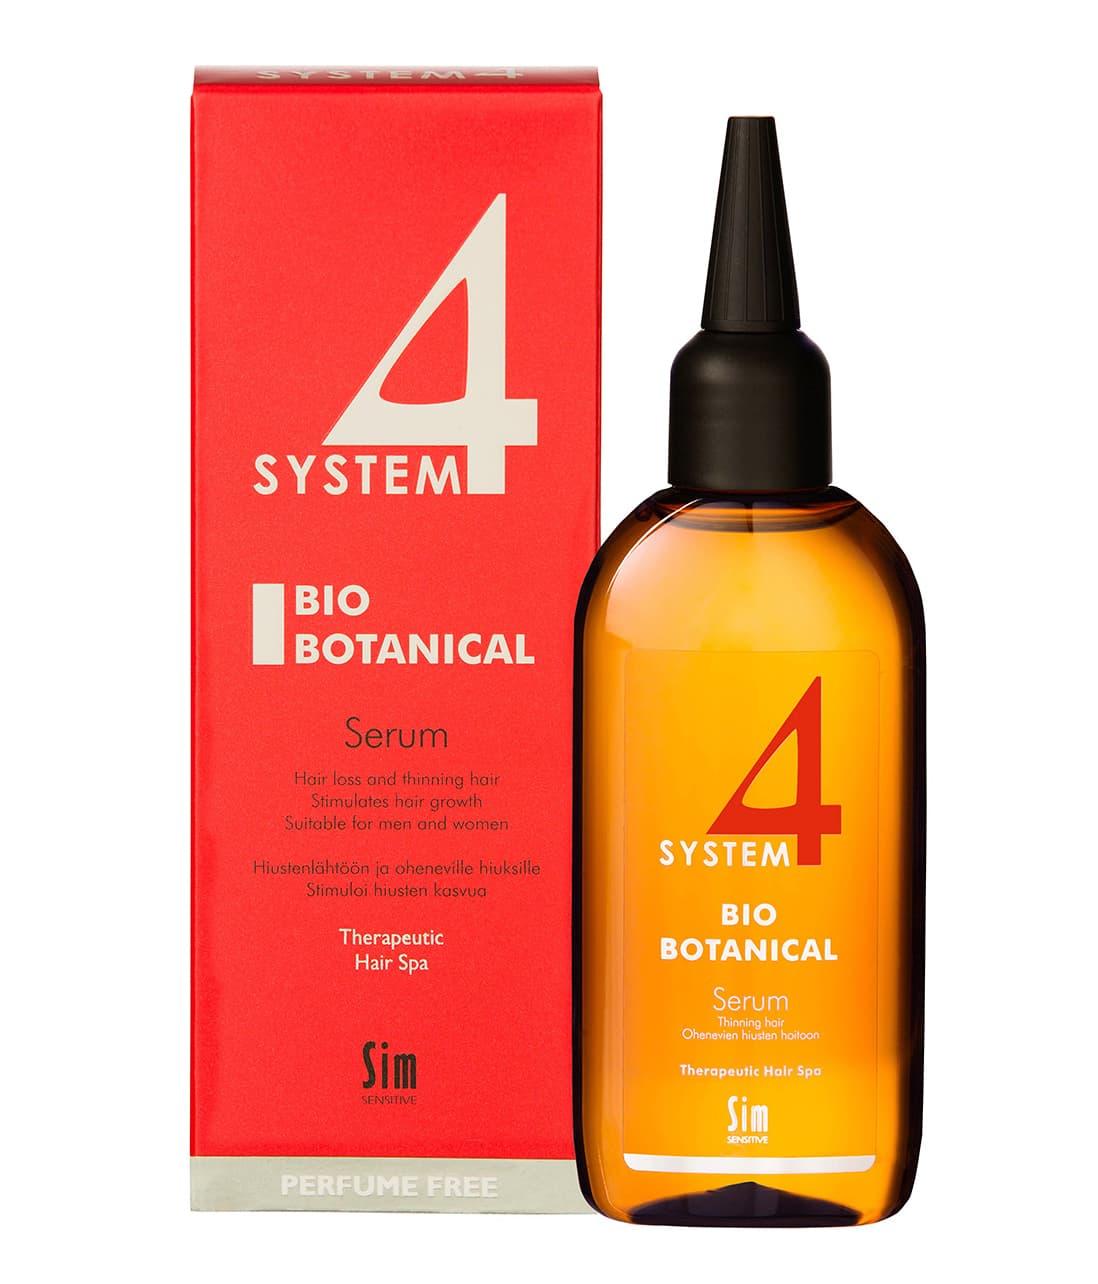 Купить System 4 Bio Botanical Serum Био Ботаническая Сыворотка 100 Мл, Sim Sensitive System